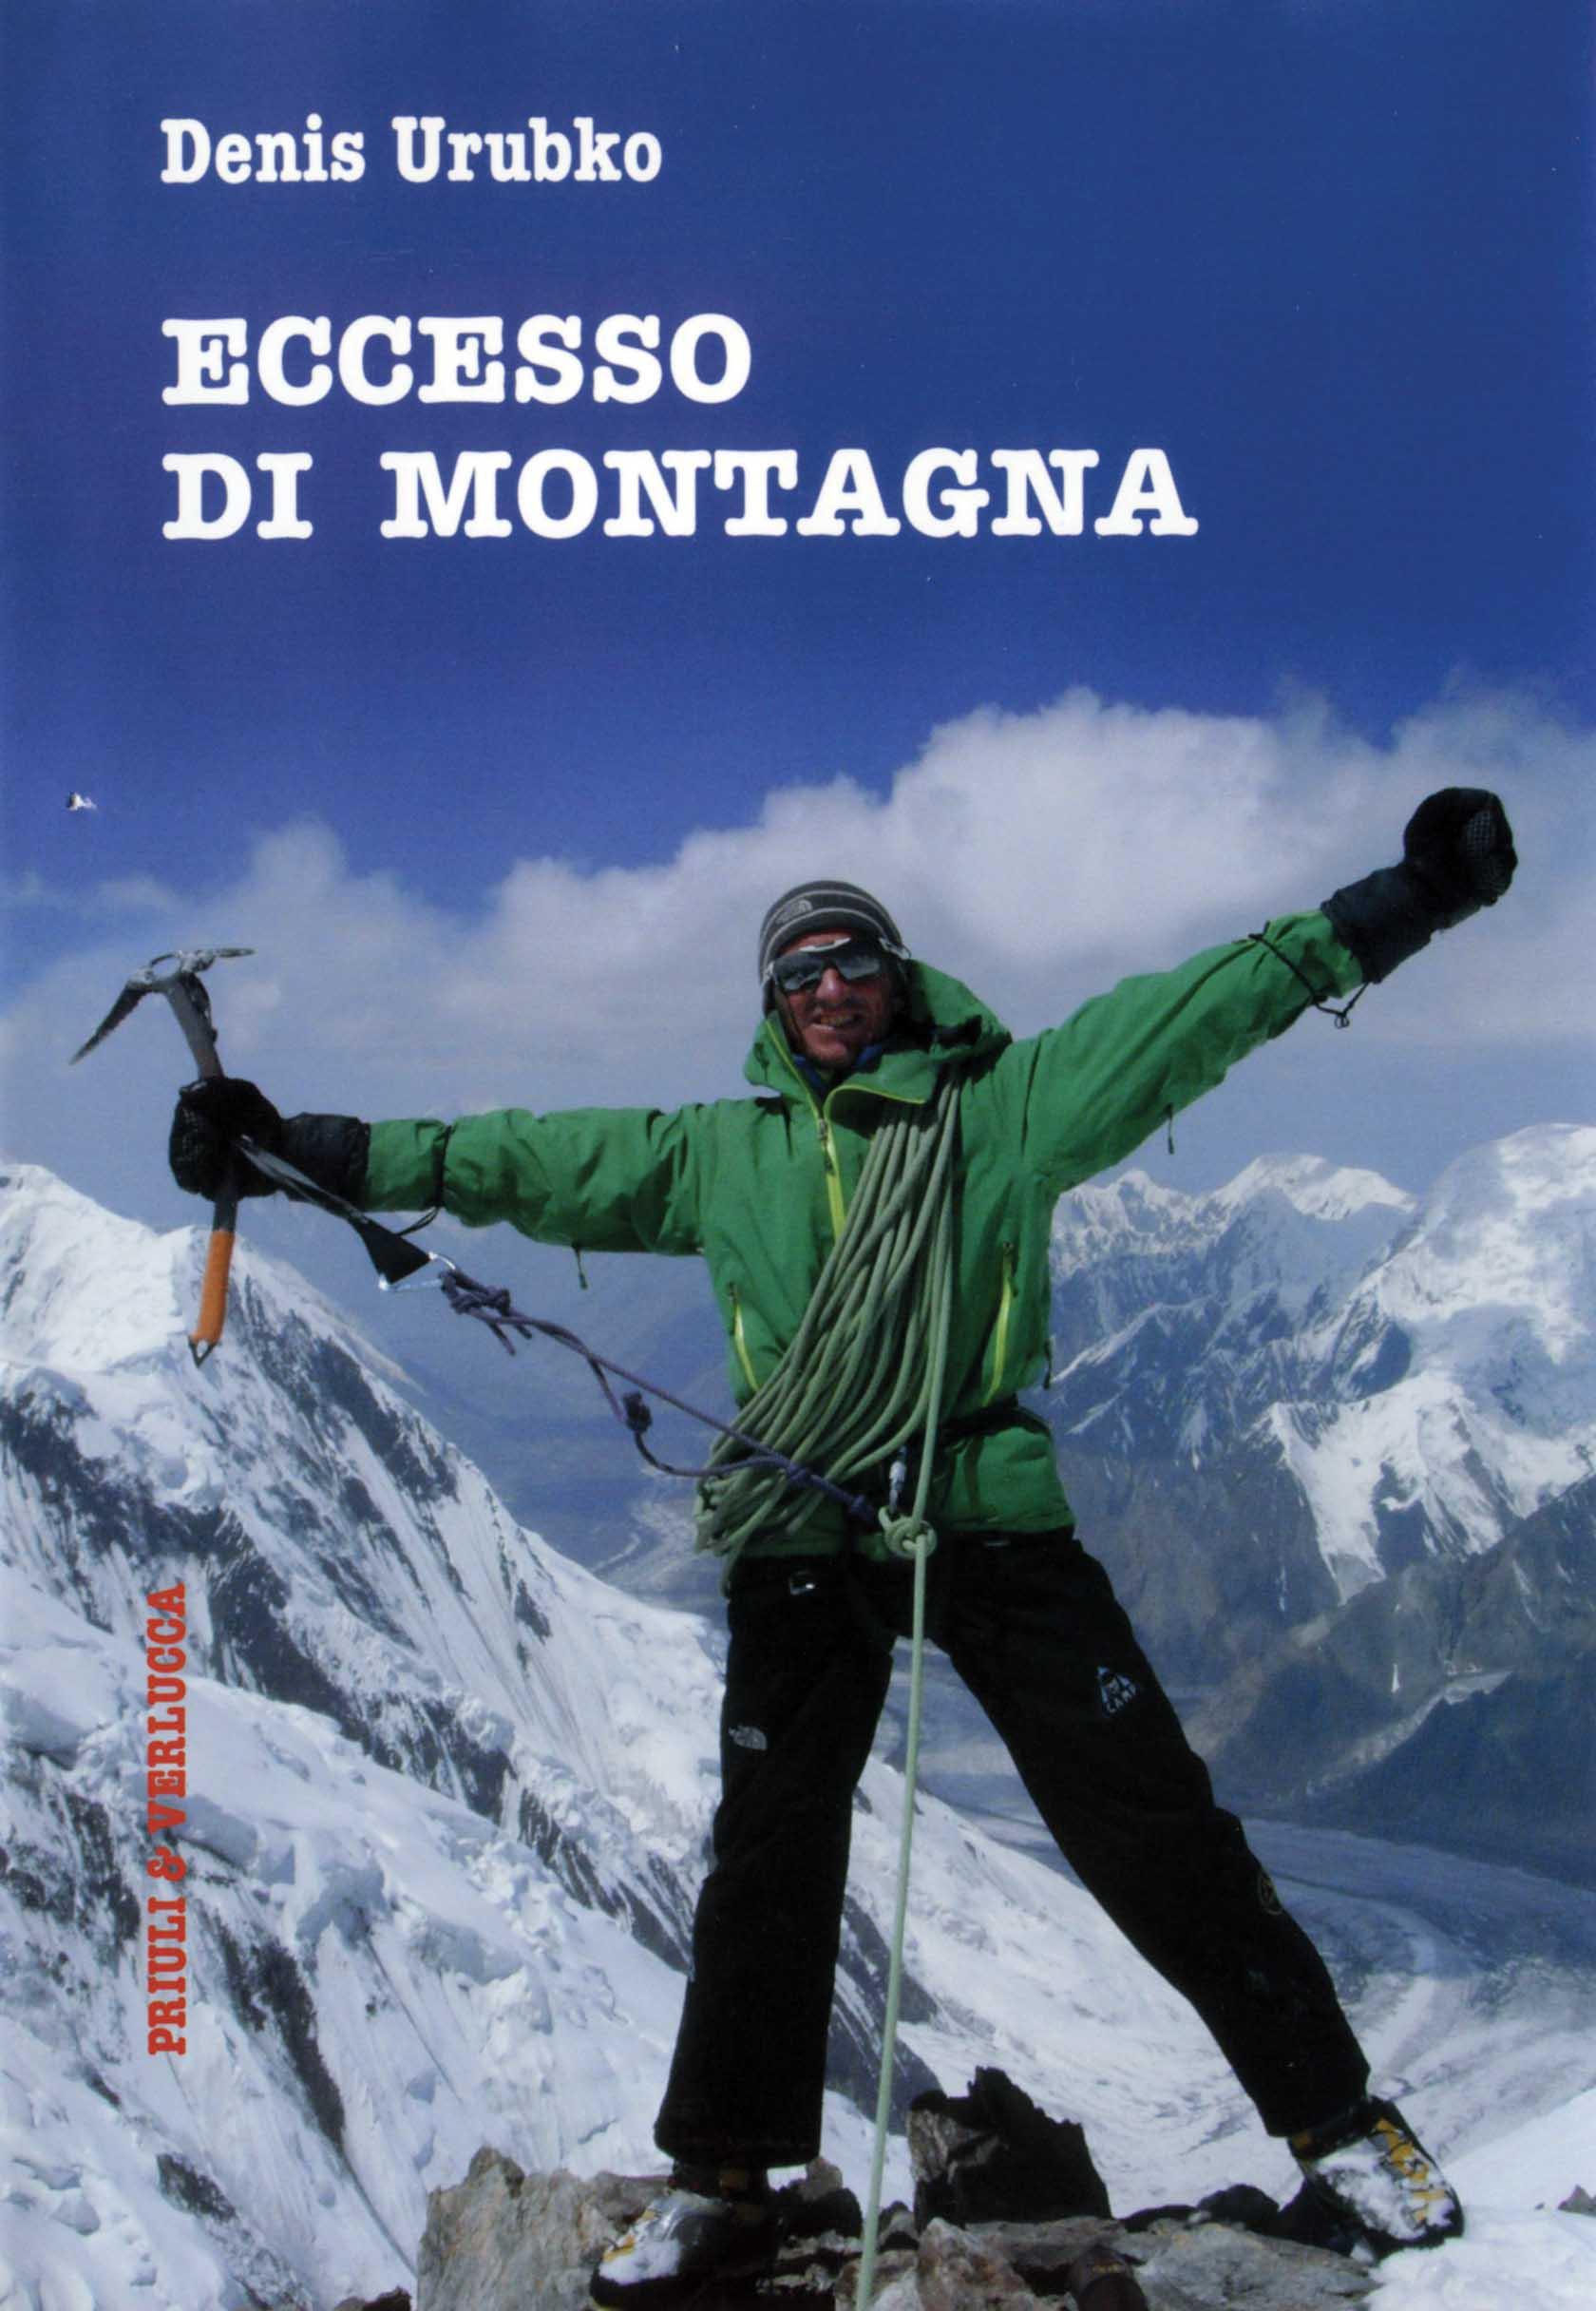 Libro Priuli eccesso di montagna 1